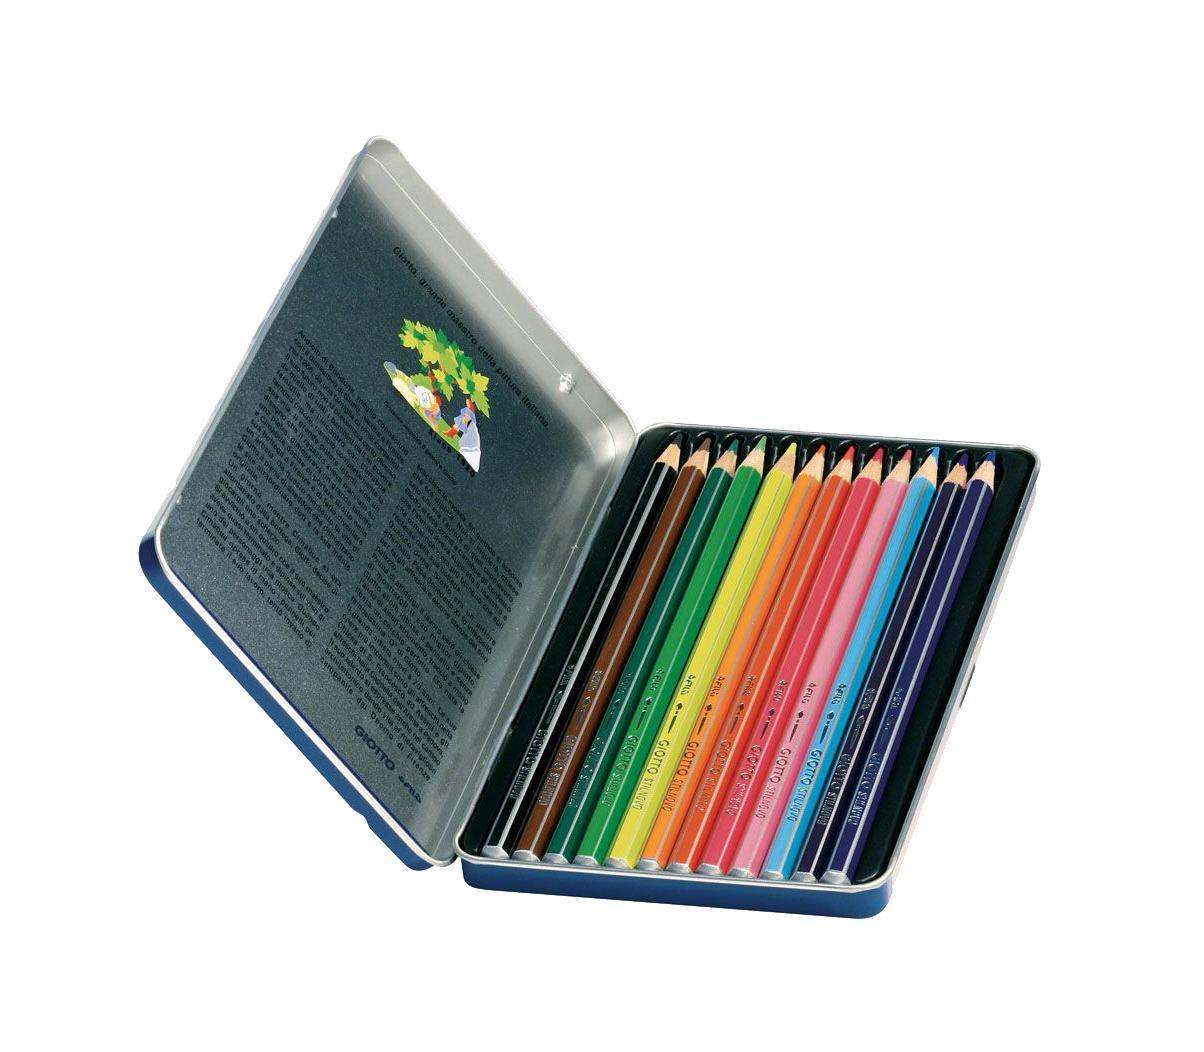 Цветные карандаши Giotto Stilnovo Acquarell, металлической упаковке, 12 цвета256200От производителя Цветные карандаши Glotto Stilnovo Acquarell непременно, понравятся вашему юному художнику. Набор включает в себя 12 ярких насыщенных акварельных цветных карандаша гексагональной формы с серебряным нанесением по ребру грани. Идеально подходят для школы. Карандаши изготовлены из сертифицированного дерева, экологически чистые, имеют прочный неломающийся грифель, не требующий сильного нажатия и легко затачиваются. На рубашке карандаша имеется место для нанесения имени. Порадуйте своего ребенка таким восхитительным подарком! Набор упакован в удобную металлическую коробку. Цветные карандаши Glotto Stilnovo Acquarell непременно, понравятся вашему юному художнику. Набор включает в себя 12 ярких насыщенных акварельных цветных карандаша гексагональной формы с серебряным нанесением по ребру грани. Идеально подходят для школы. Карандаши изготовлены из сертифицированного дерева, экологически чистые, имеют прочный неломающийся грифель, не требующий...